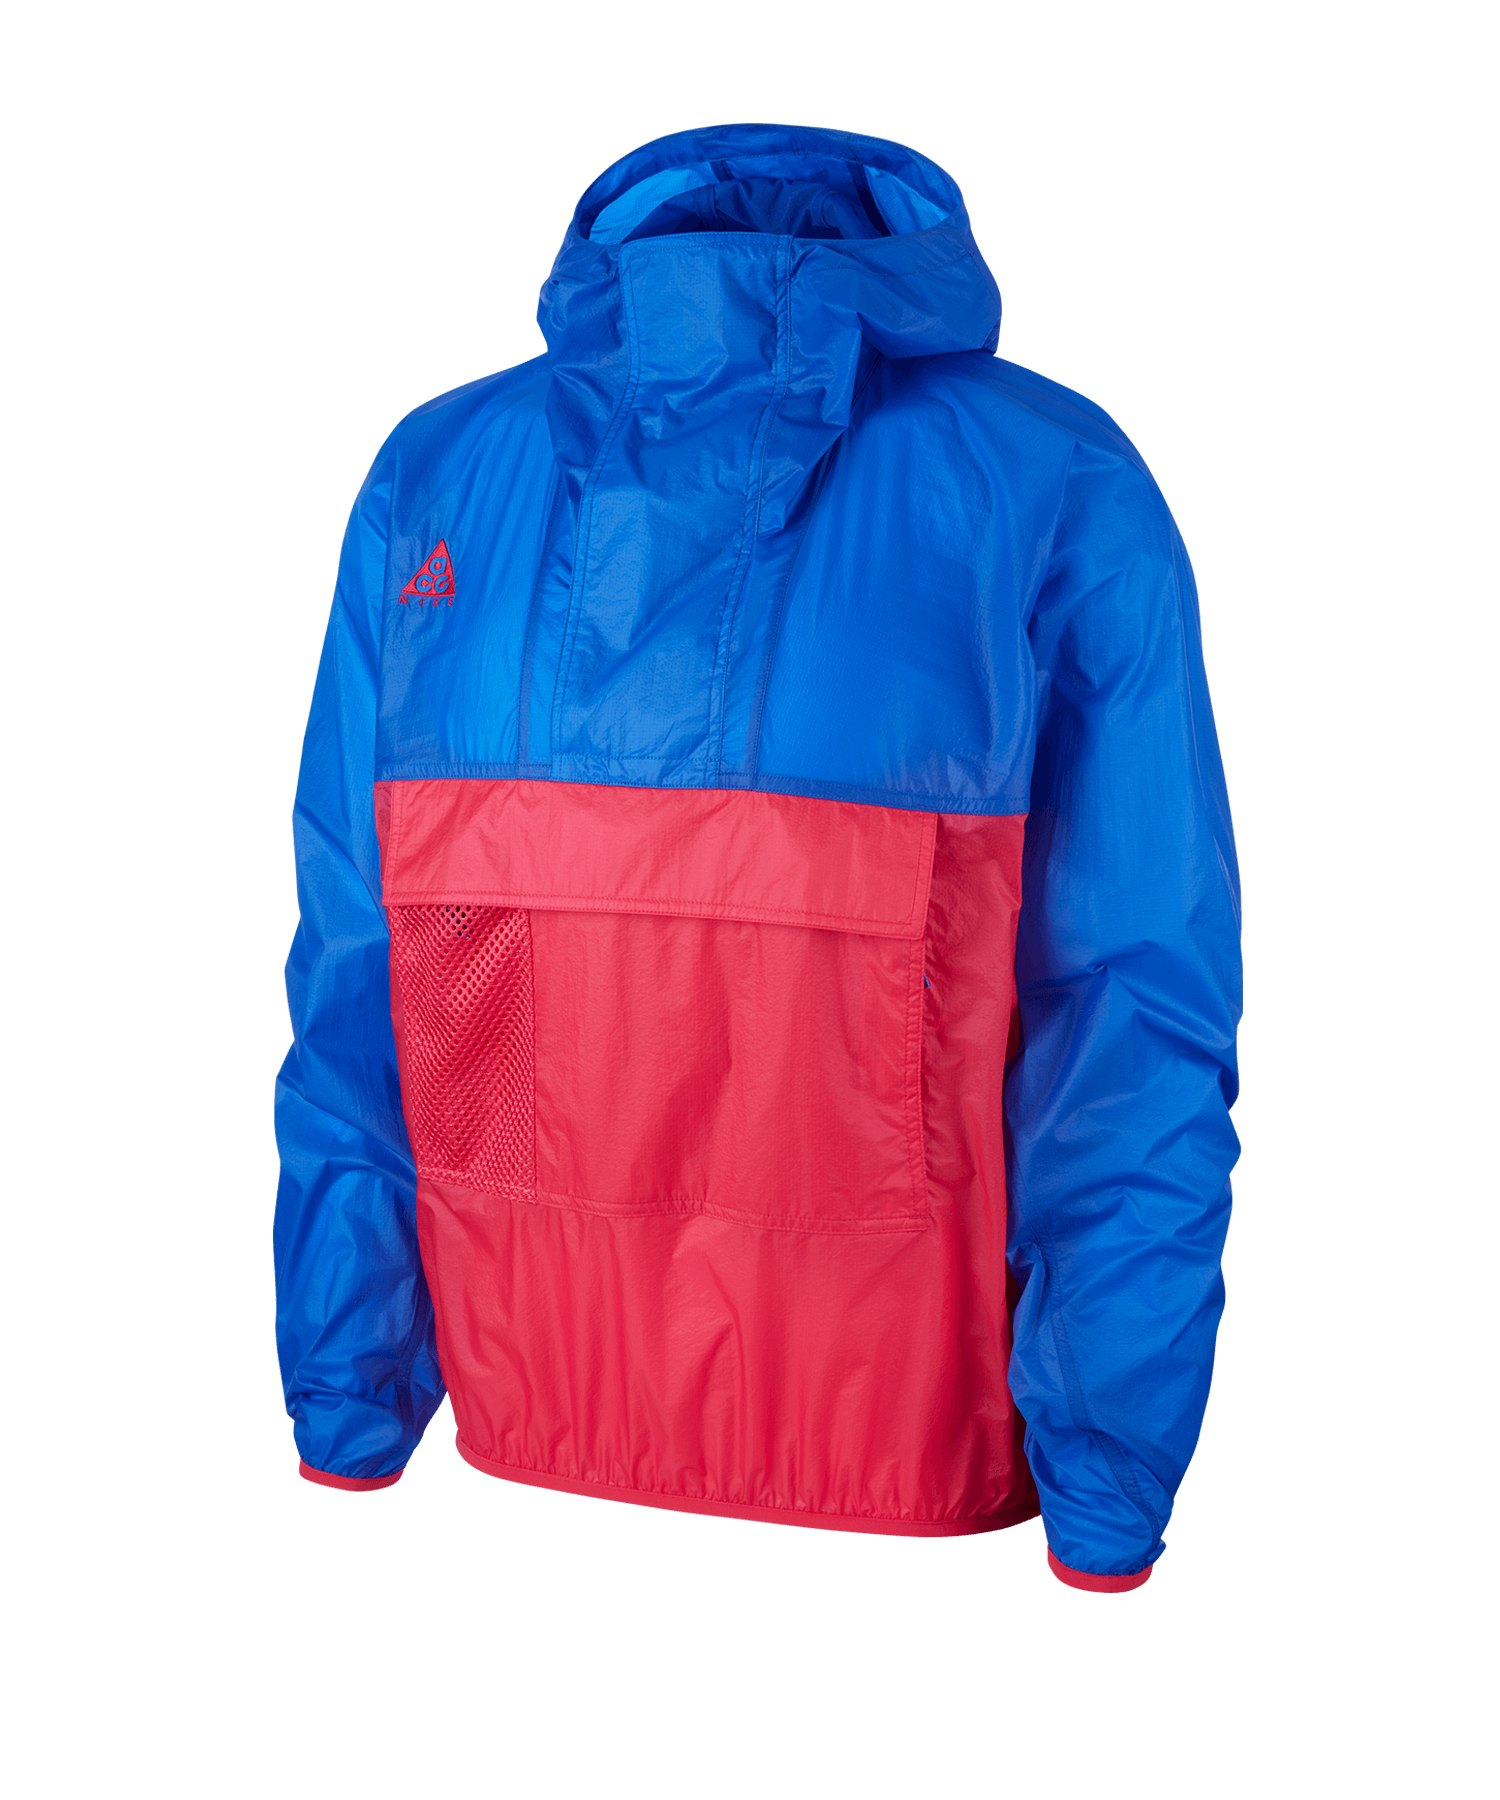 Nike ACG Jacke Blau Pink F405 - blau